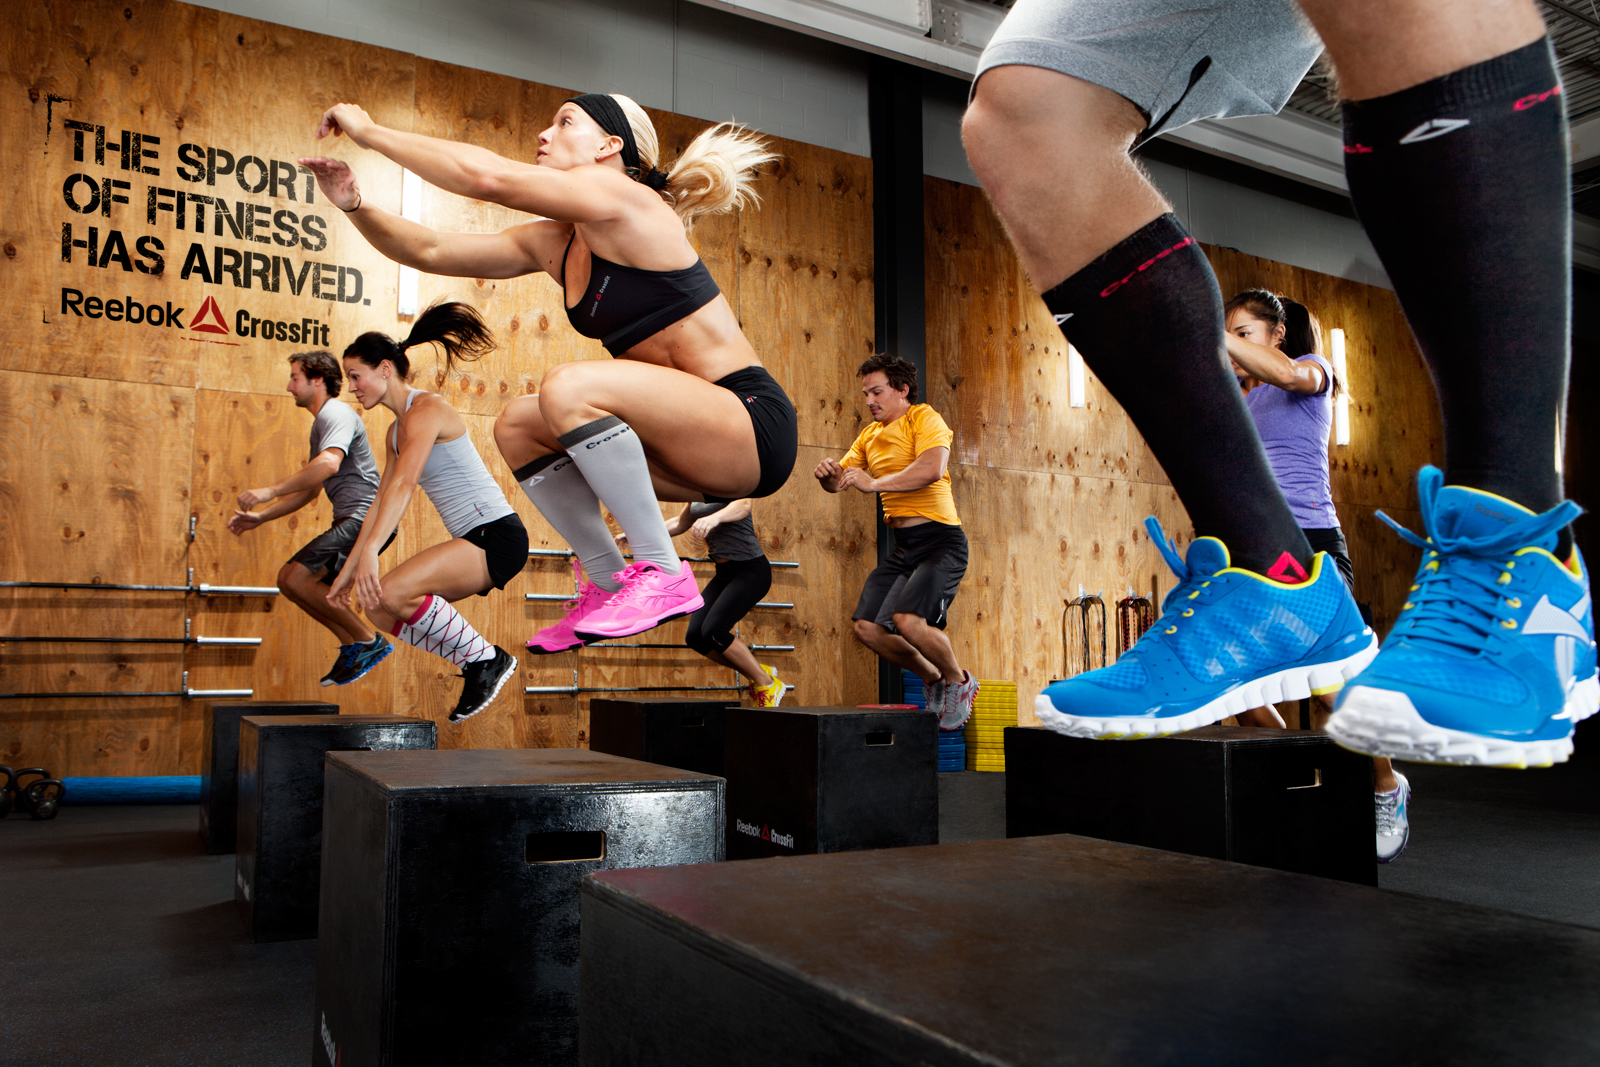 Le CrossFit est un sport qui combine force athlétique, haltérophilie, gymnastique et endurance.